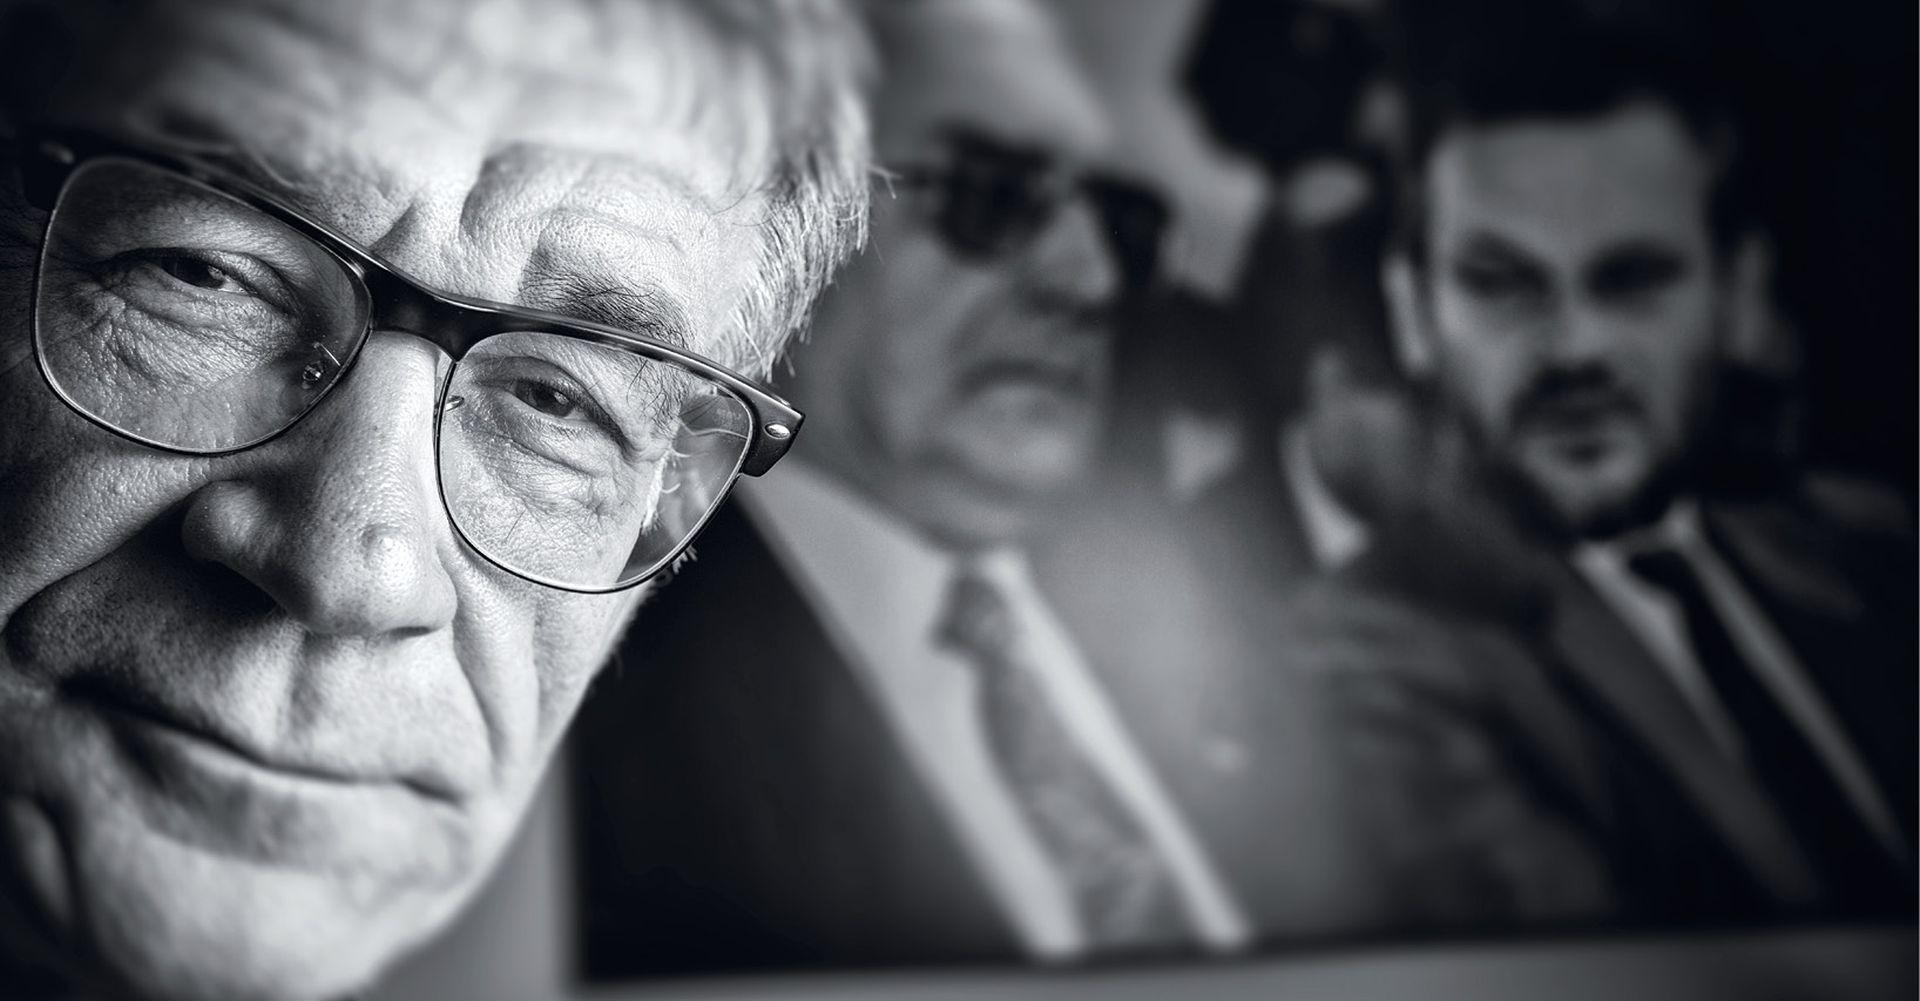 Karamarko bio spreman povući tužbu, ali Barišić mu se odbio ispričati zbog Udbe